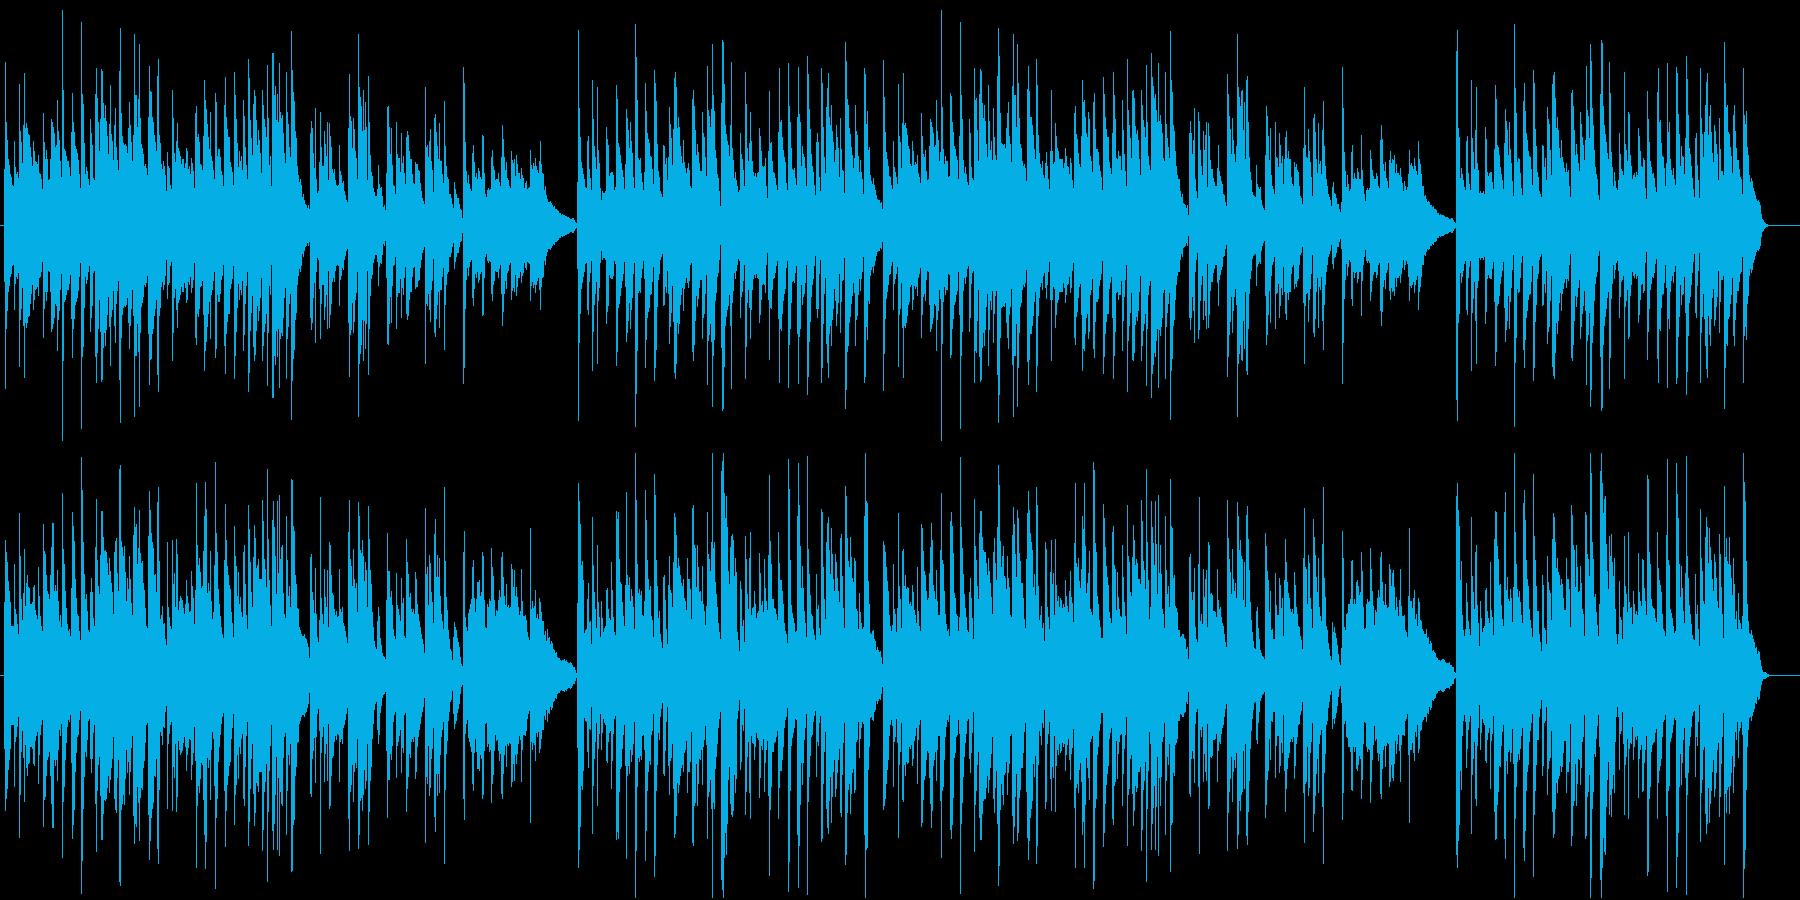 【動物BGM】ほのぼのギター曲の再生済みの波形